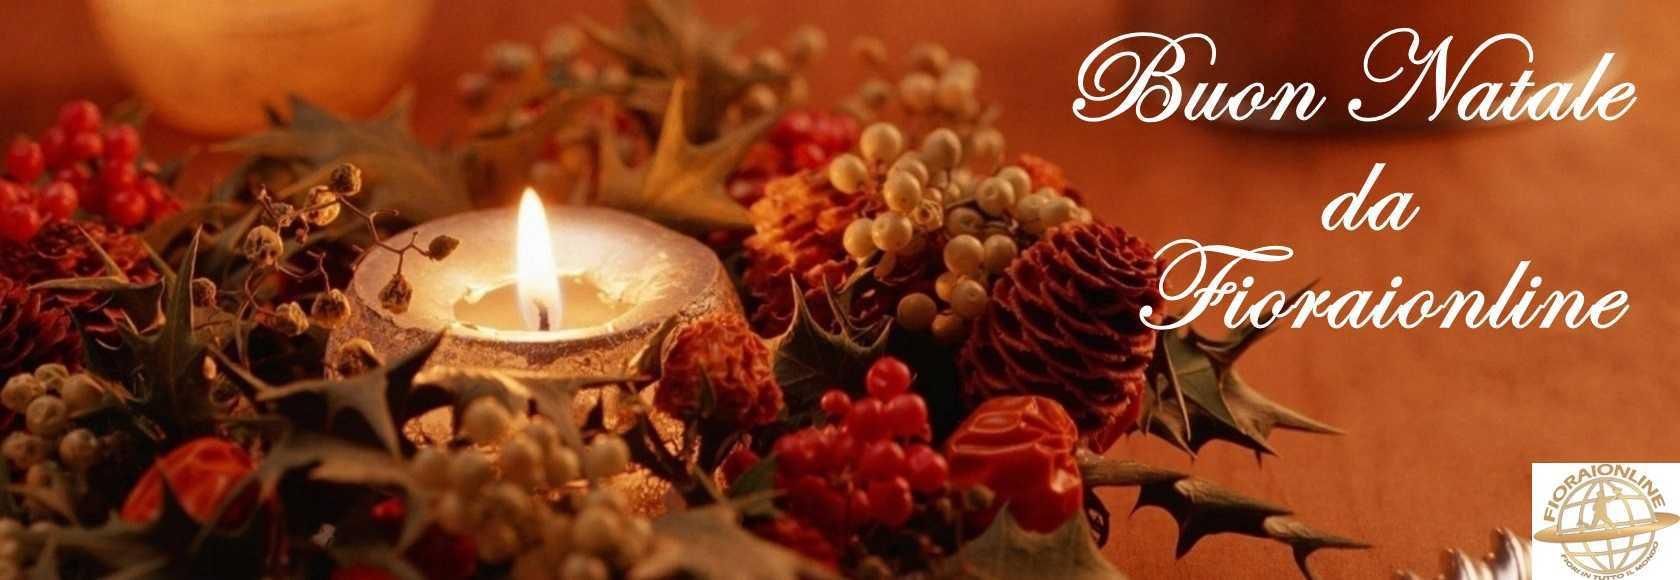 Fioraionline - Inviare online fiori per Natale